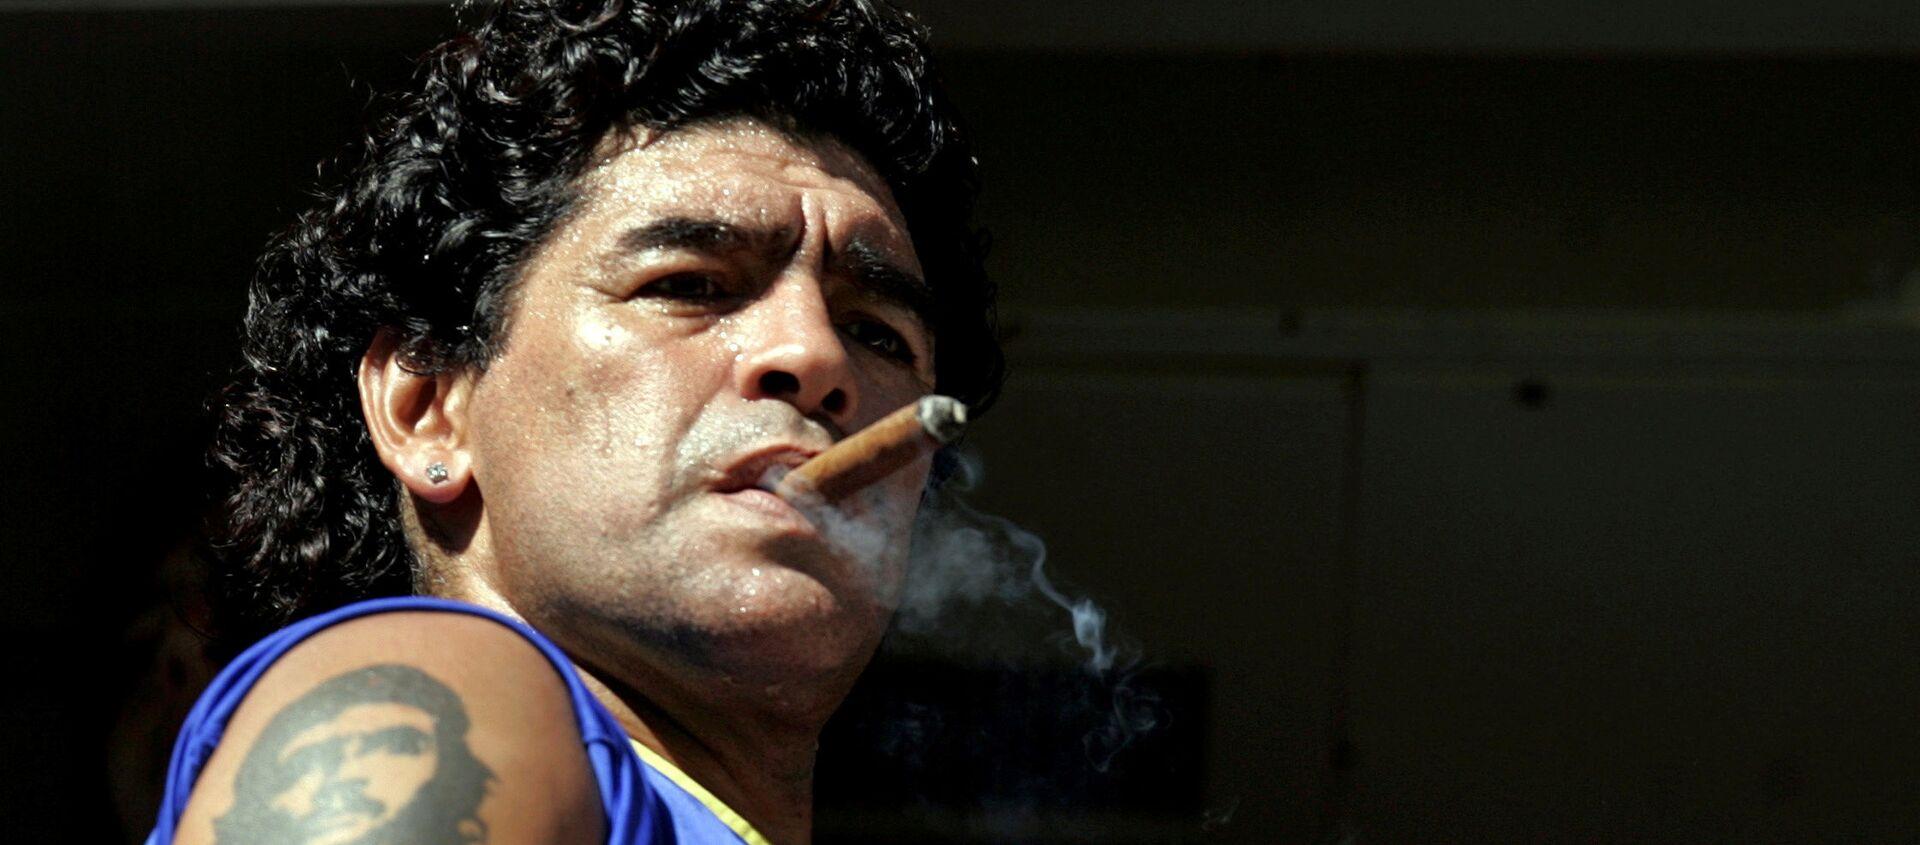 Diego Maradona fumando - Sputnik Mundo, 1920, 27.11.2020